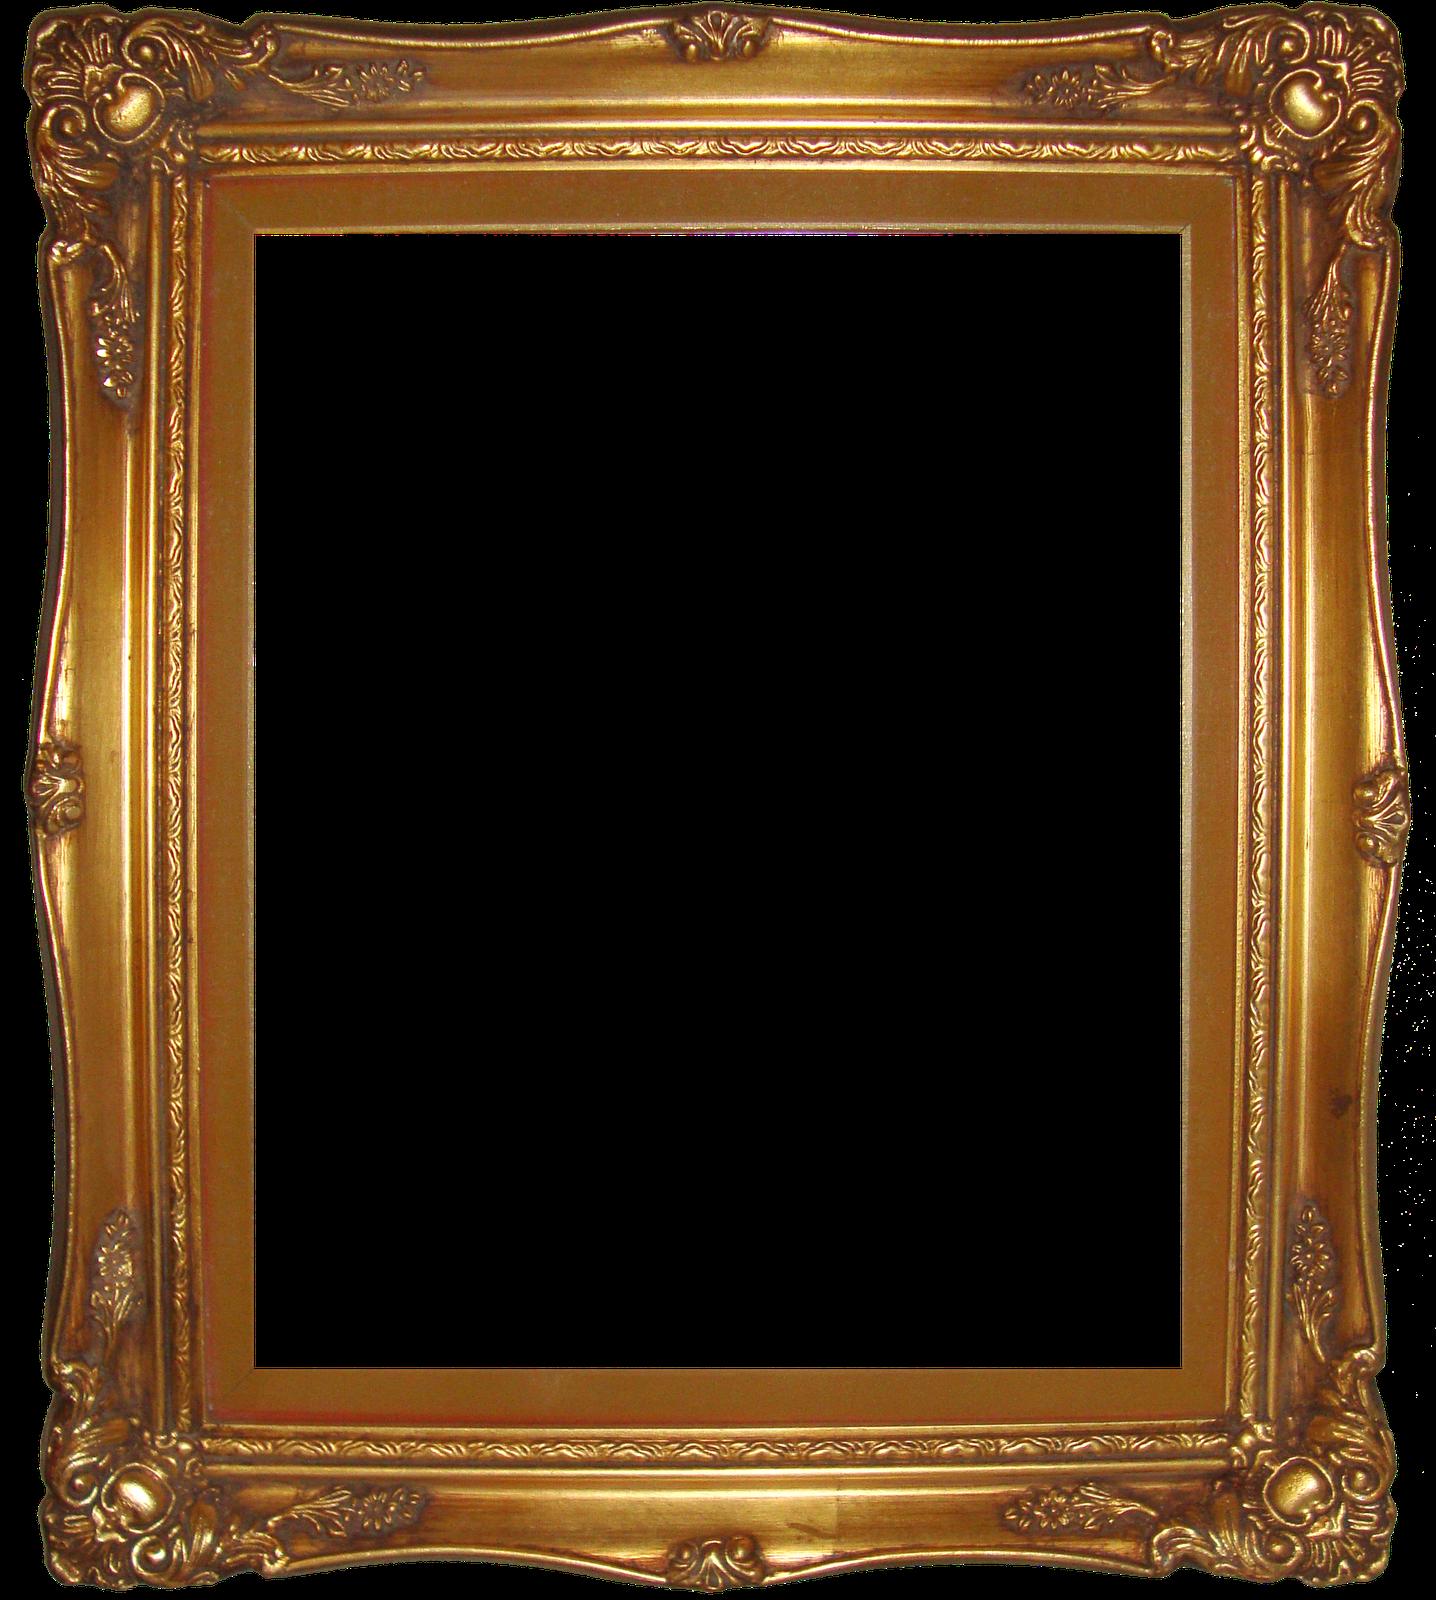 Old Gold Frames, Presenting: Digital Vintage/antique photo frames.